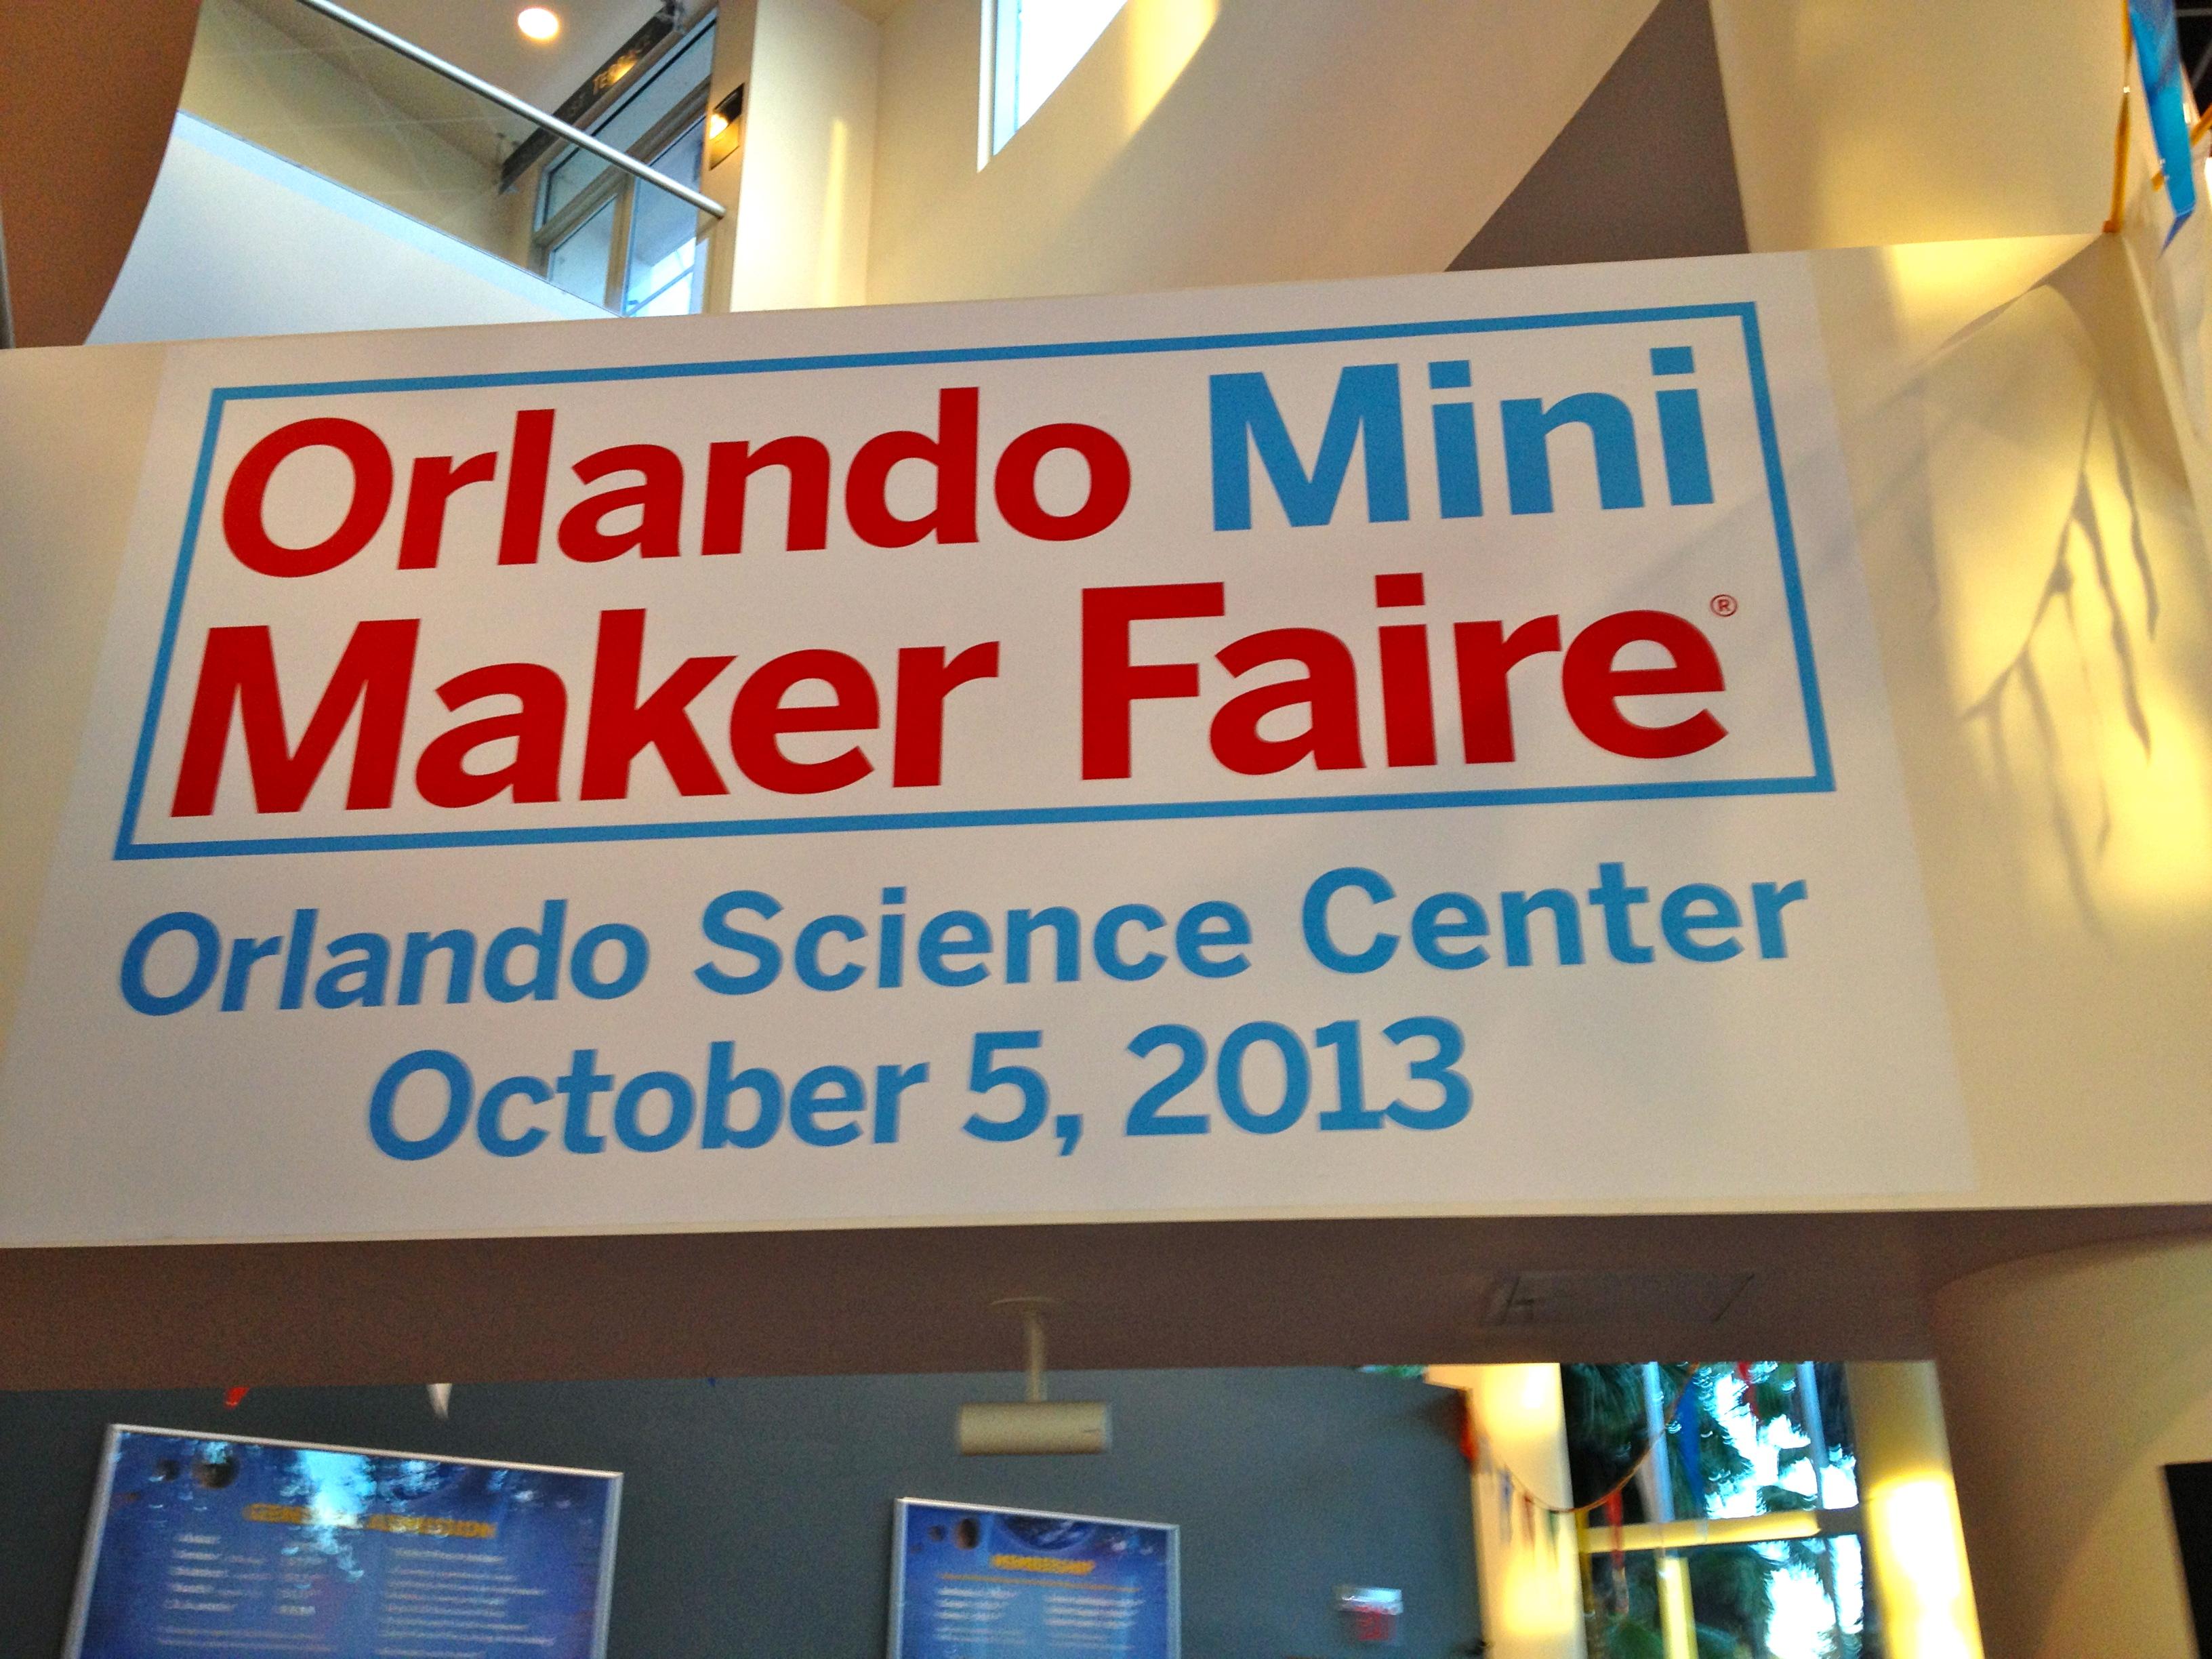 Orlando Mini Maker Faire 2013